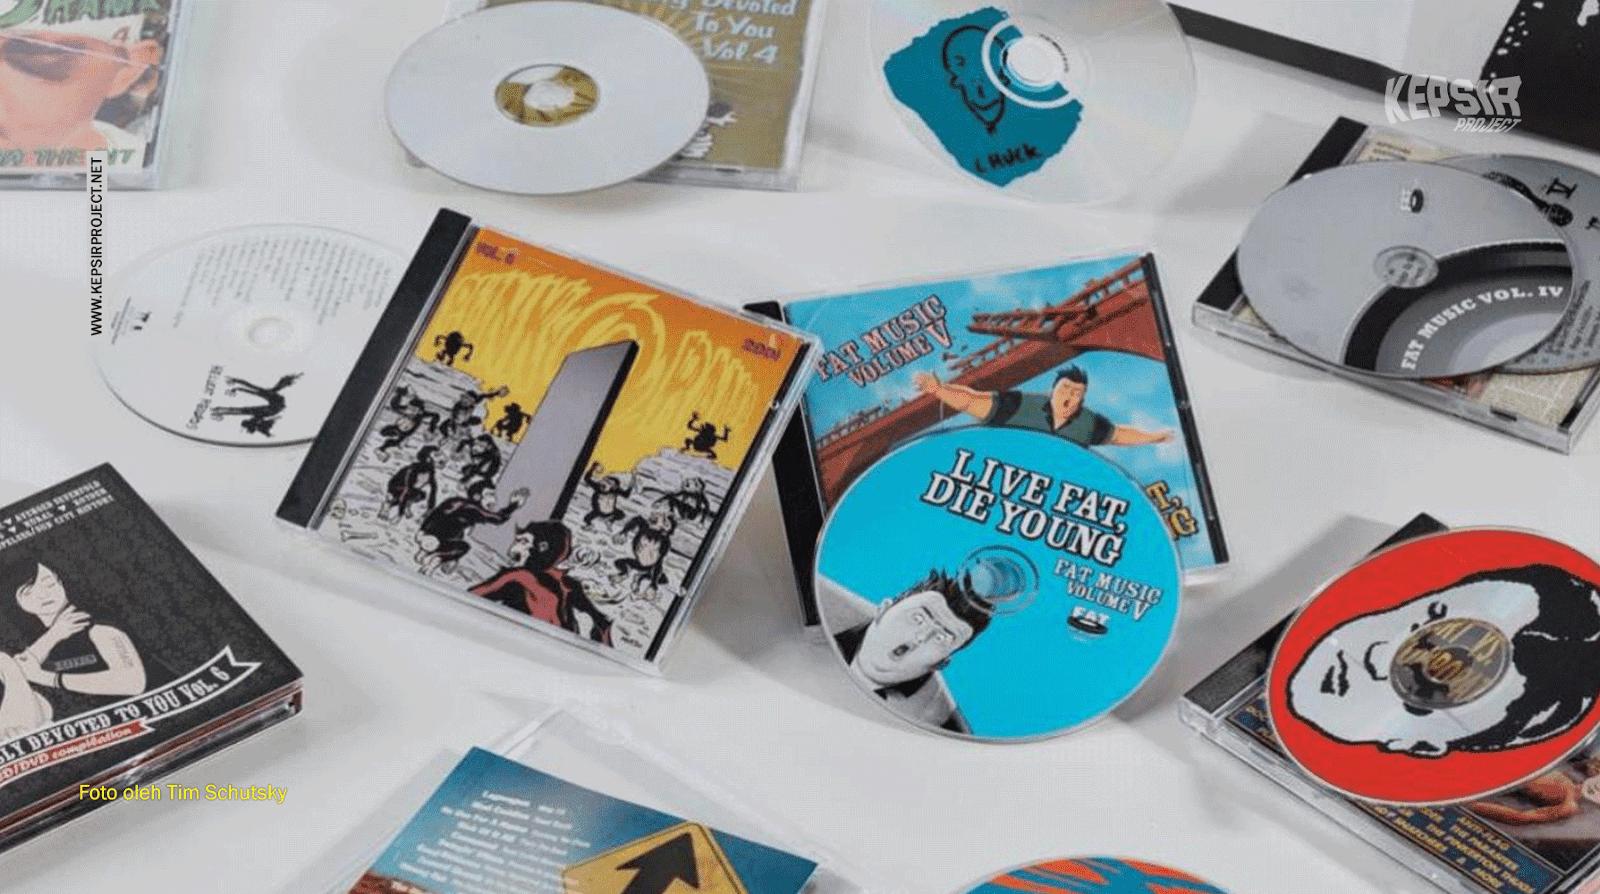 Sebuah Kisah dari CD Kompilasi Murah yang Sukses Membangkitkan Gairah Musik Punk